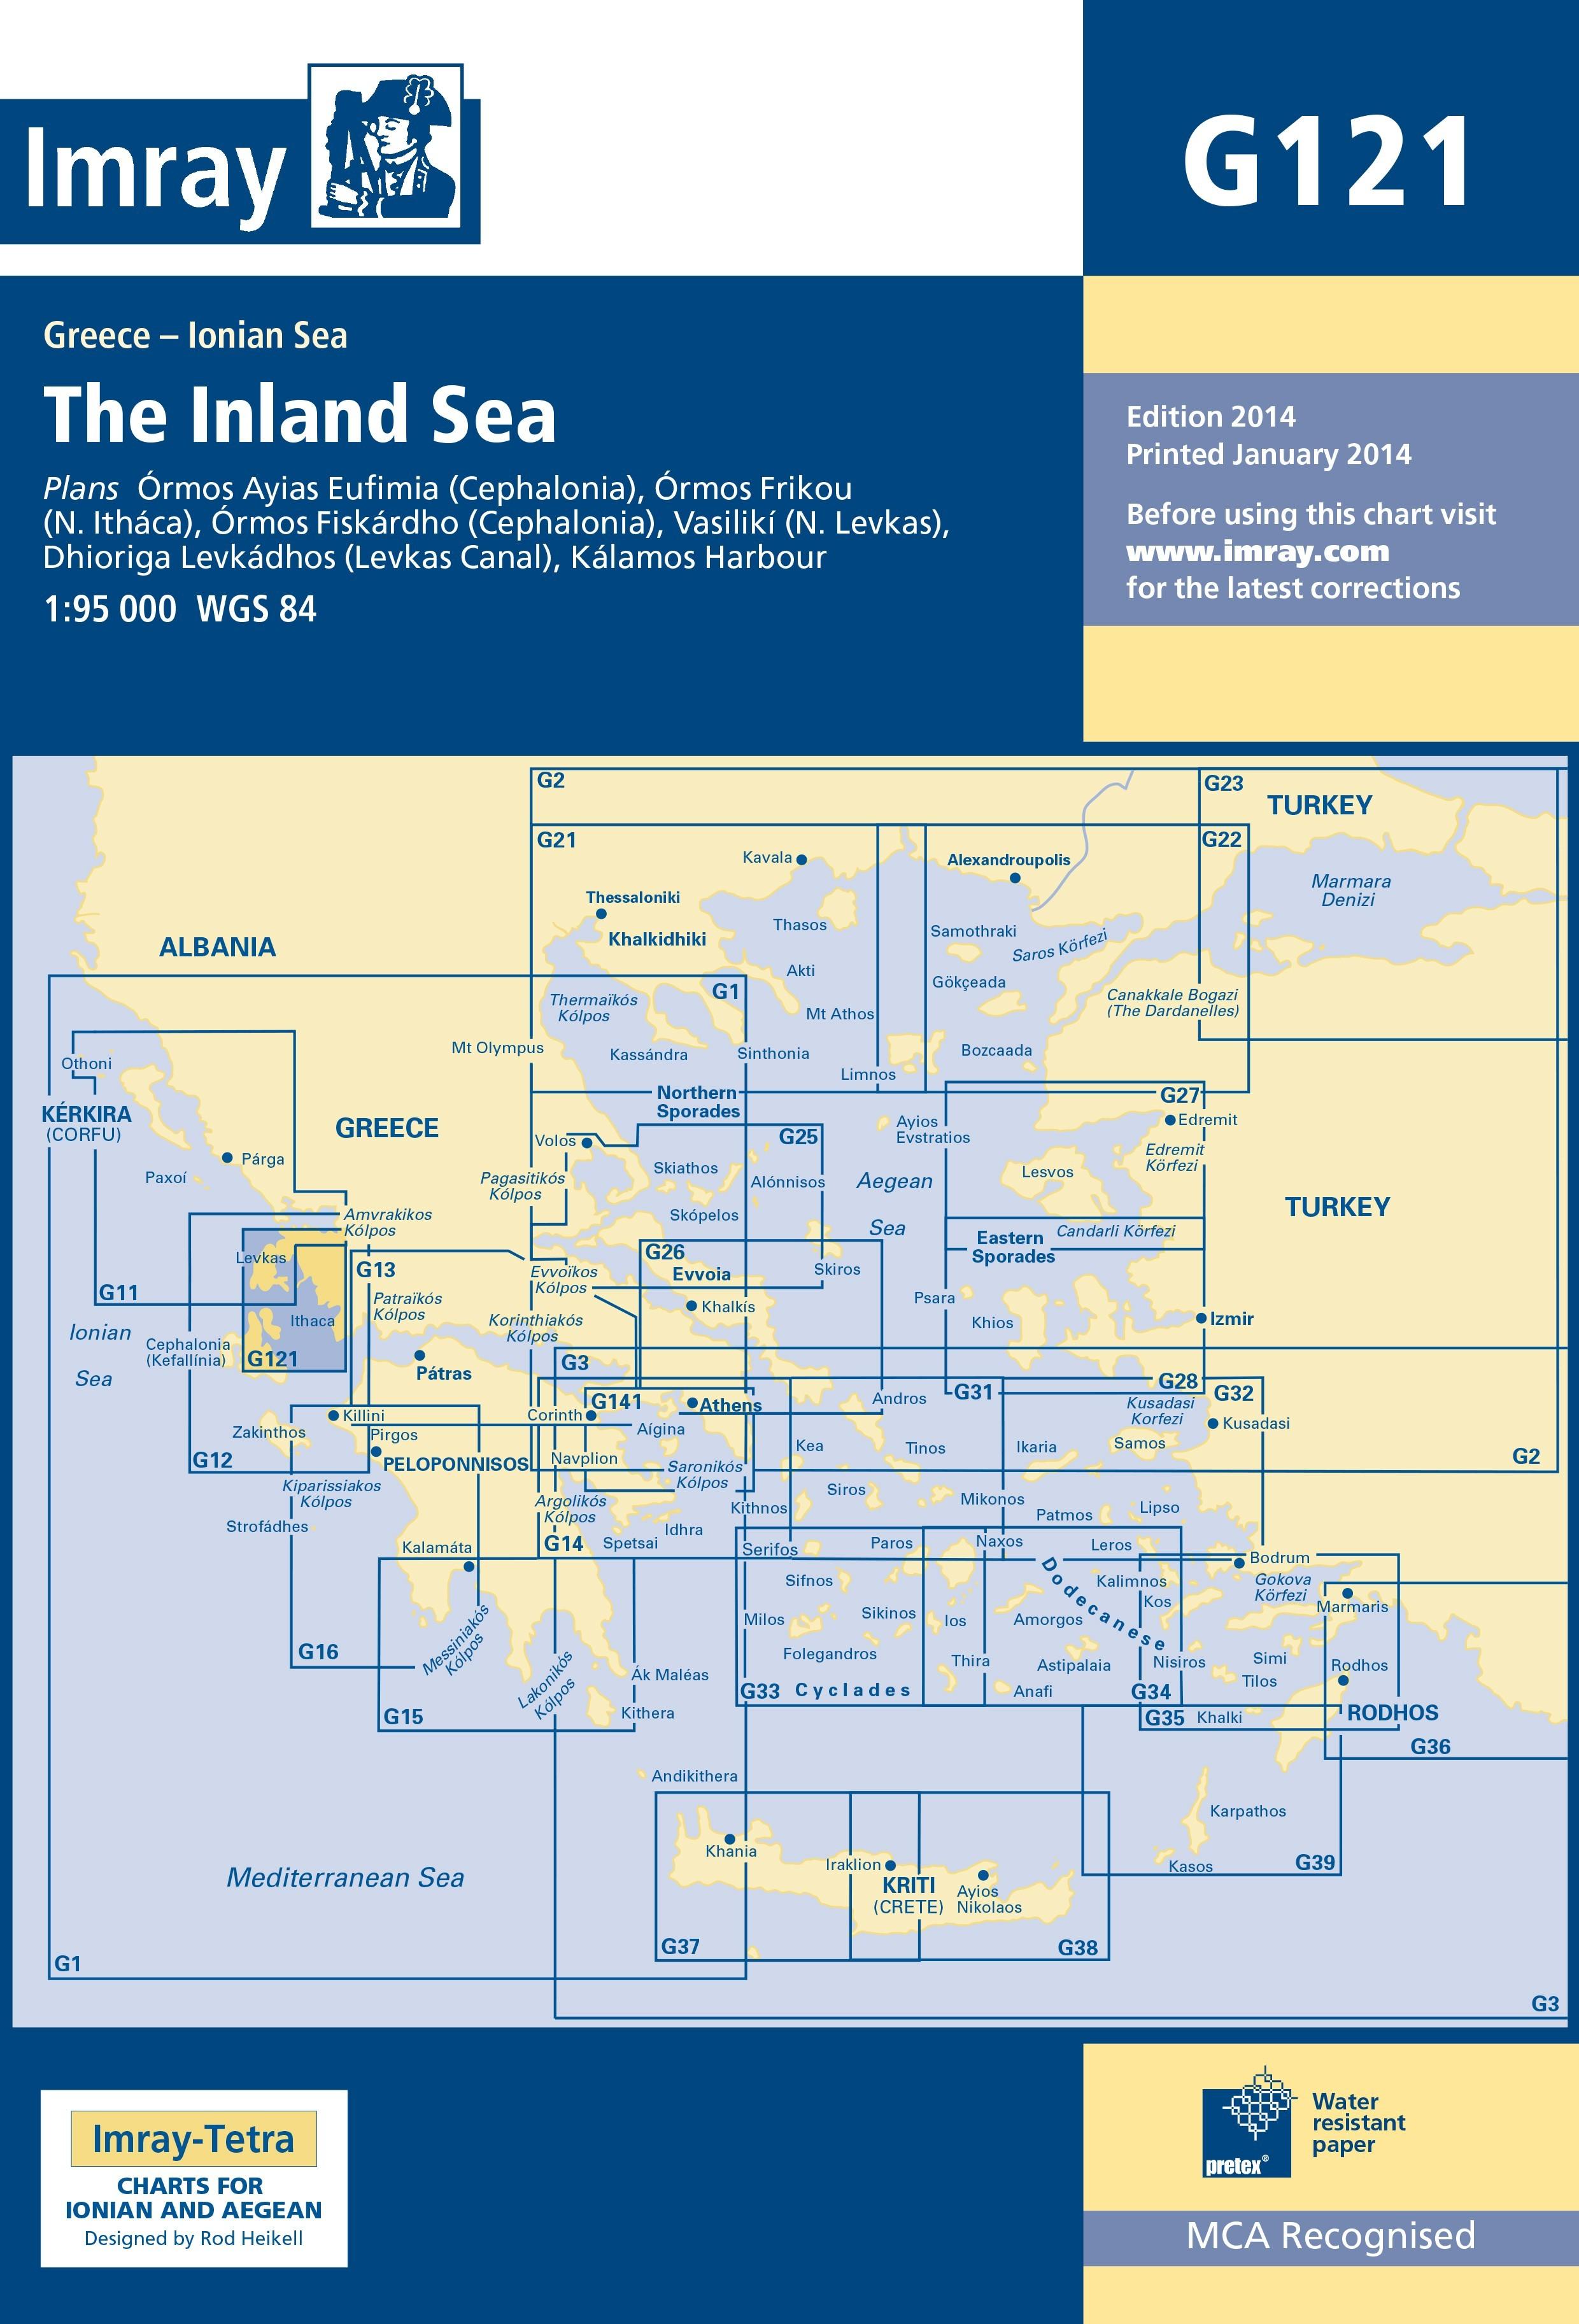 33.53 - Ναυτικός Χάρτης IMRAY ICG121-1 Εσωτερικό Αρχιπέλαγος Ιονίου